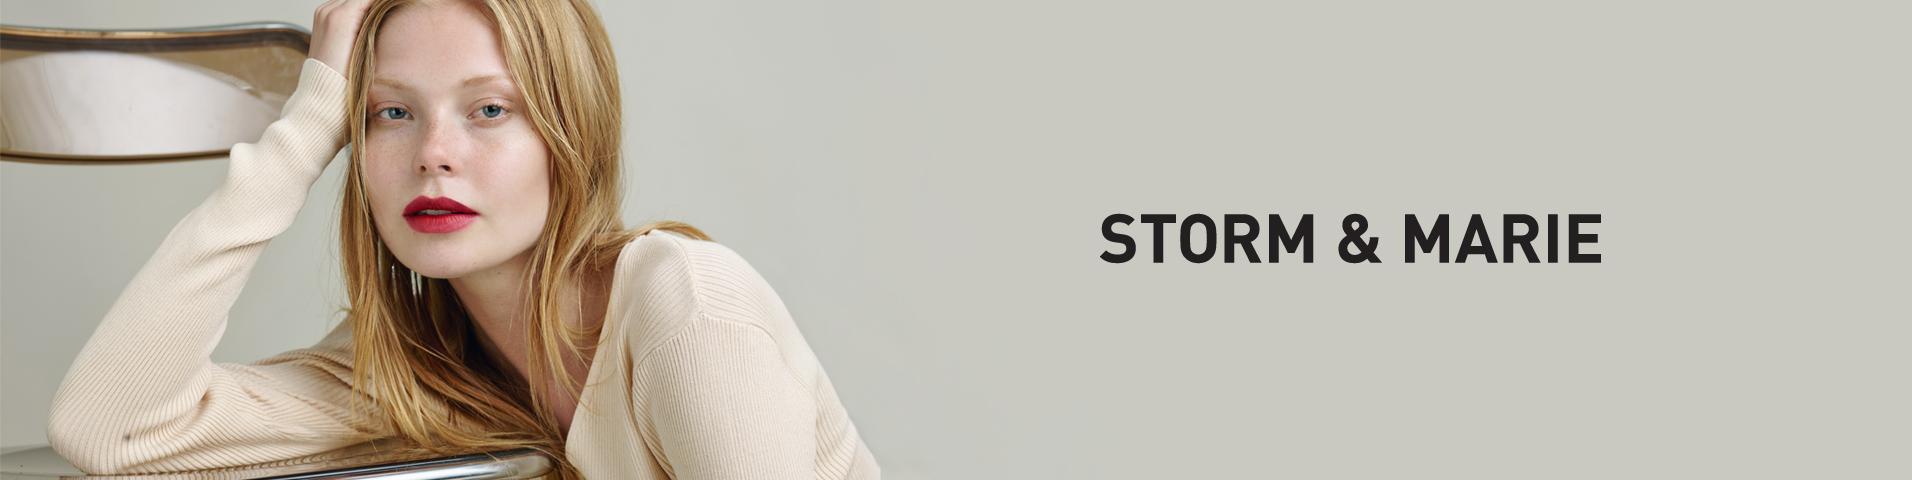 Storm & Marie online shop | Gratis verzending | ZALANDO